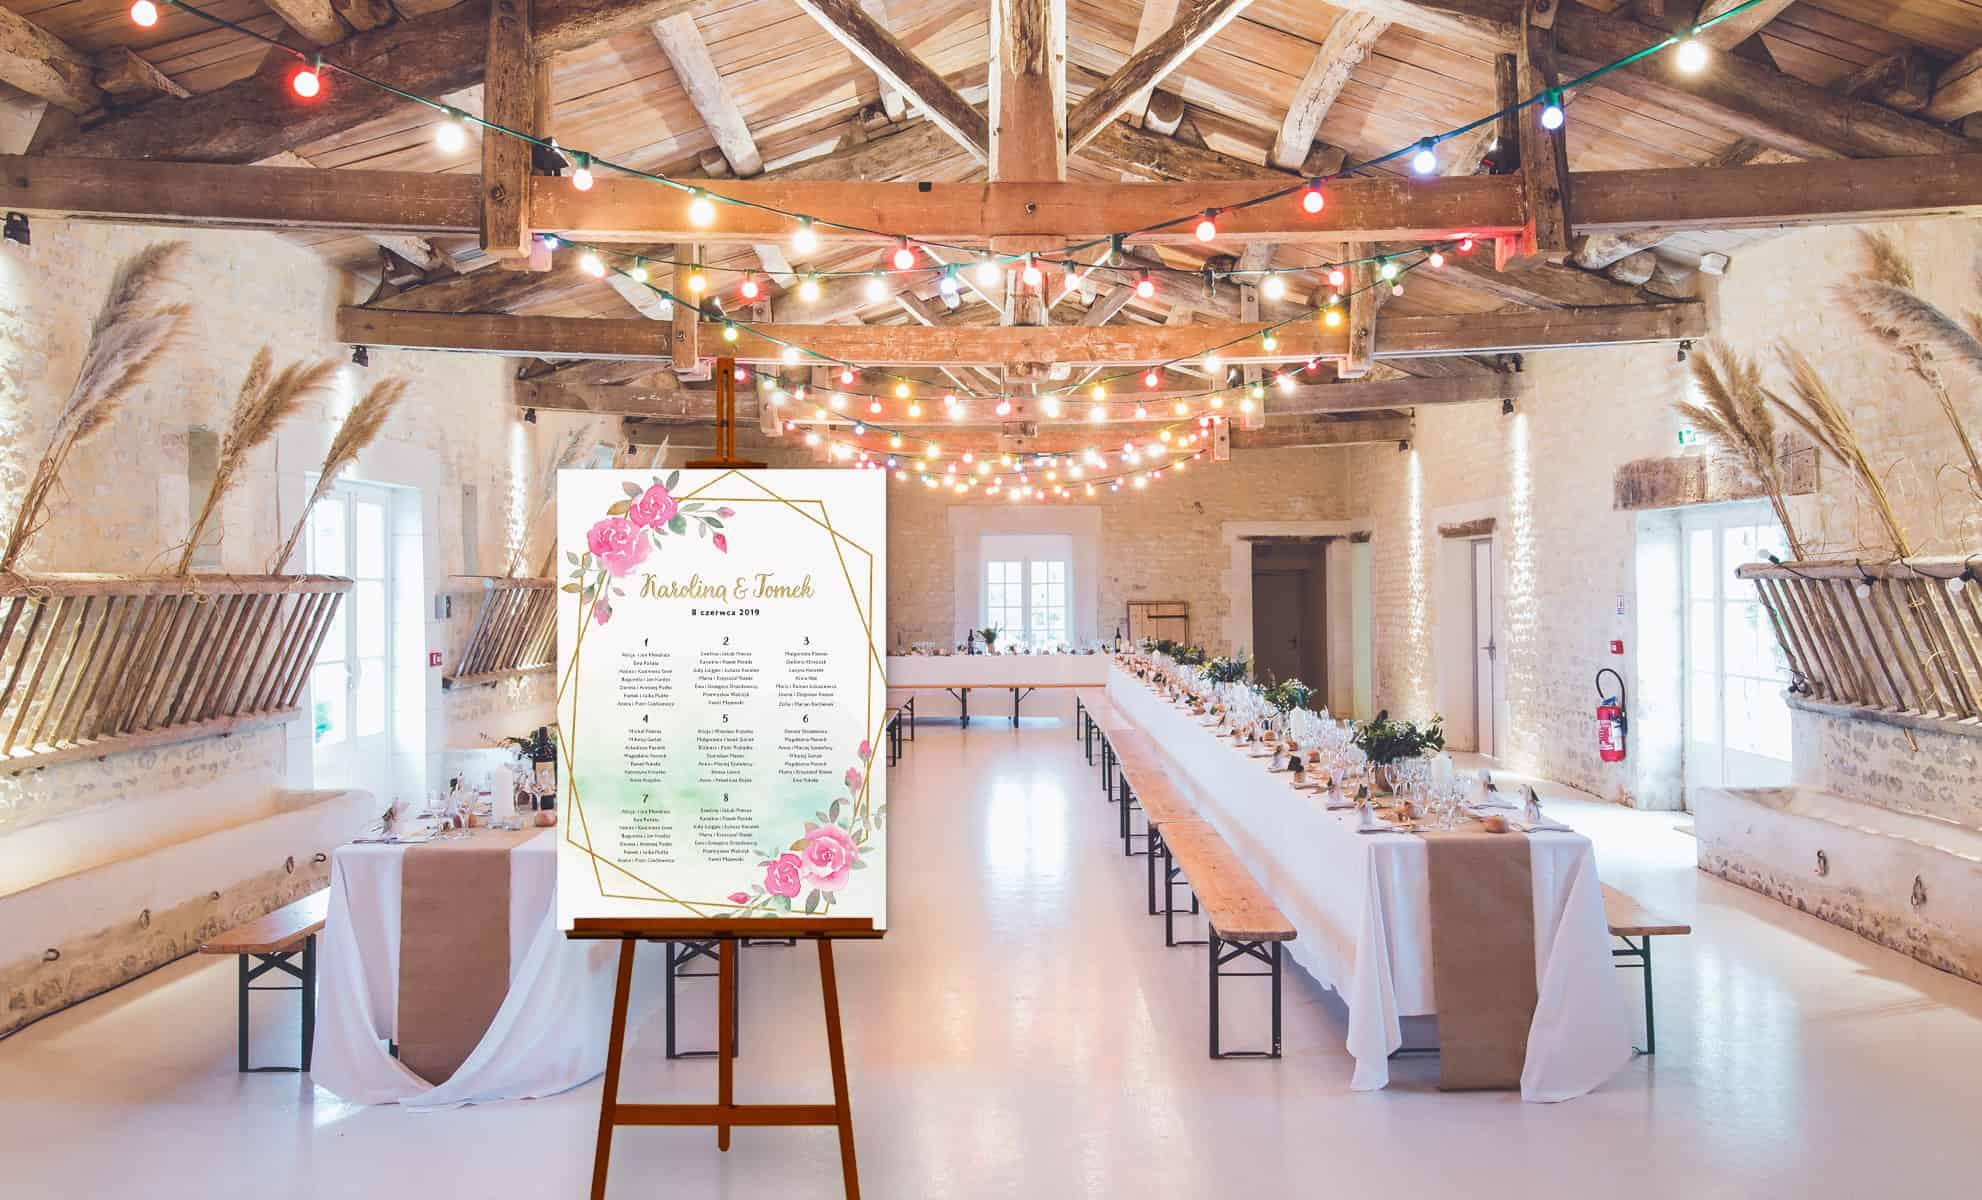 Tablica usadzenia gości przy stołach